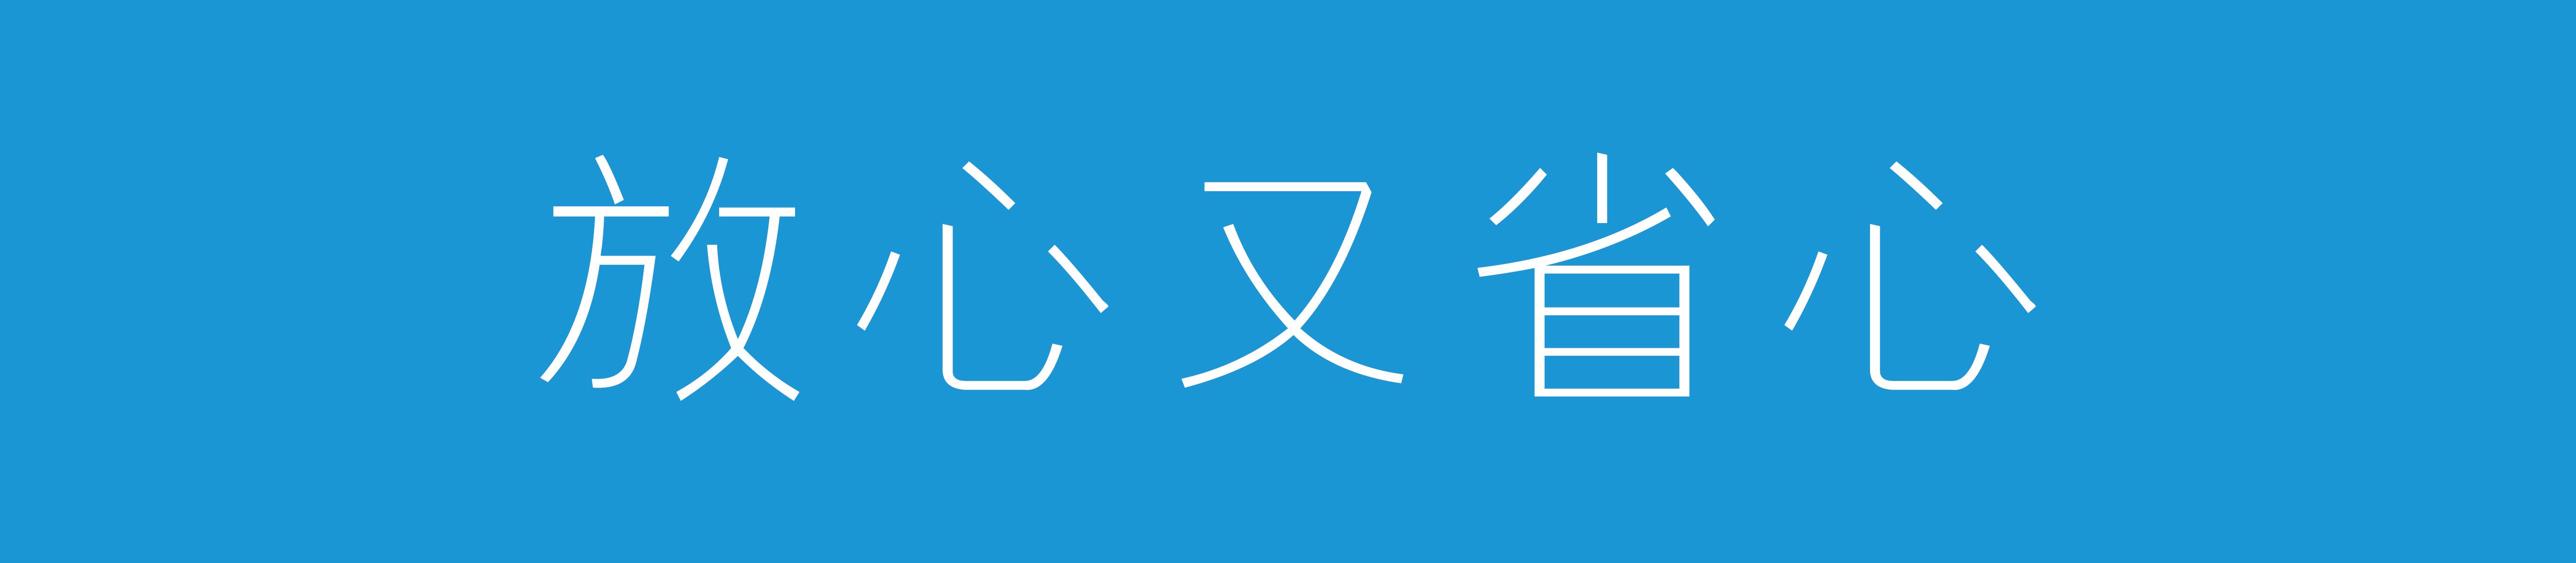 放心又省心-03.jpg